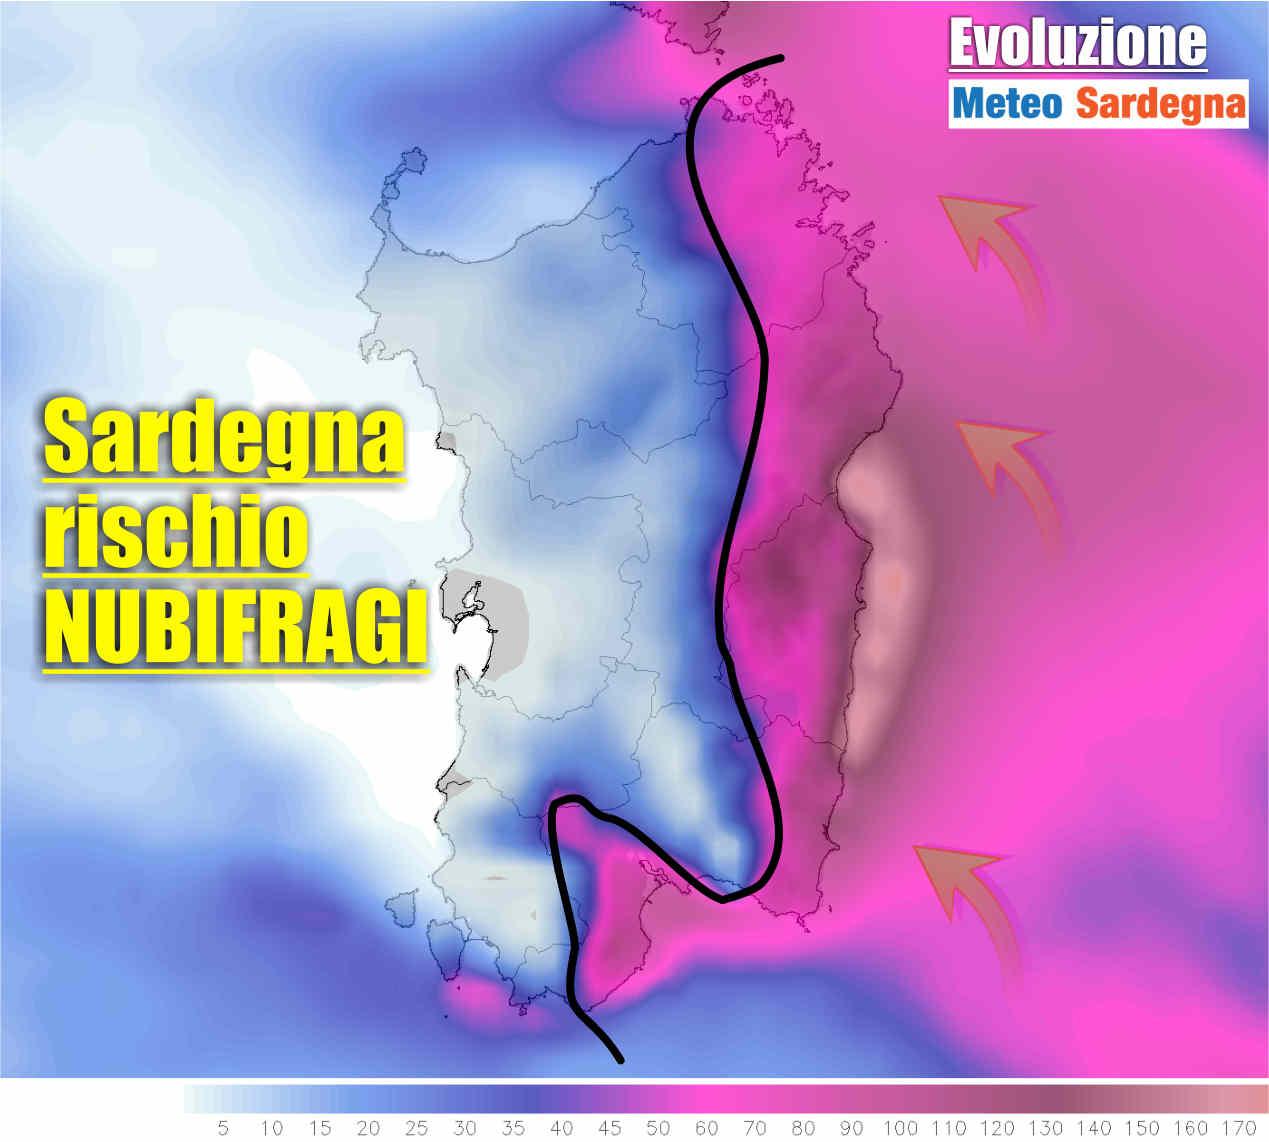 Piogge previste tra venerdì e sabato in Sardegna. Evidente meteo avverso.